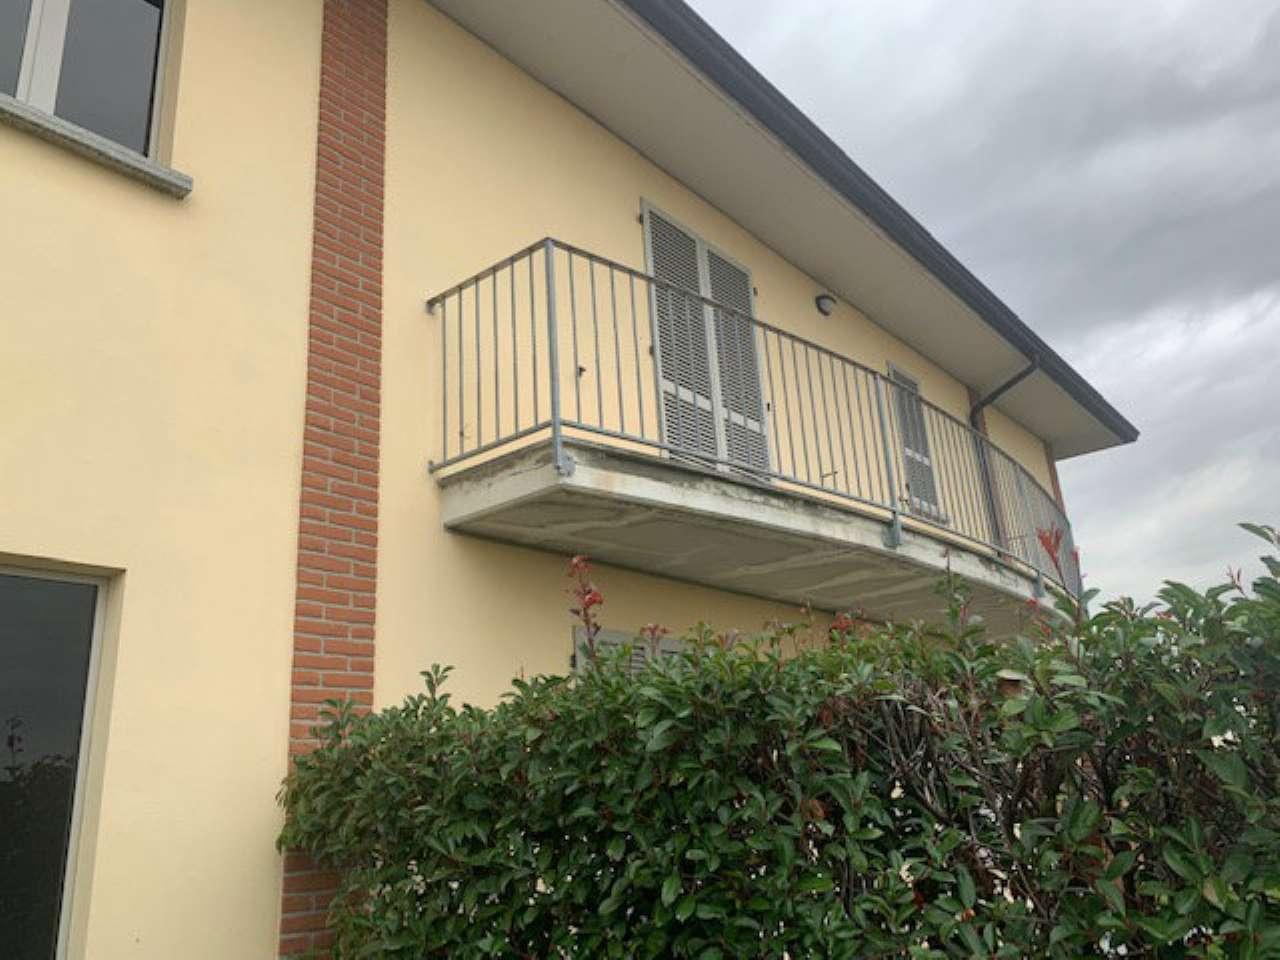 Appartamento in vendita a Gragnano Trebbiense, 3 locali, prezzo € 115.000 | PortaleAgenzieImmobiliari.it